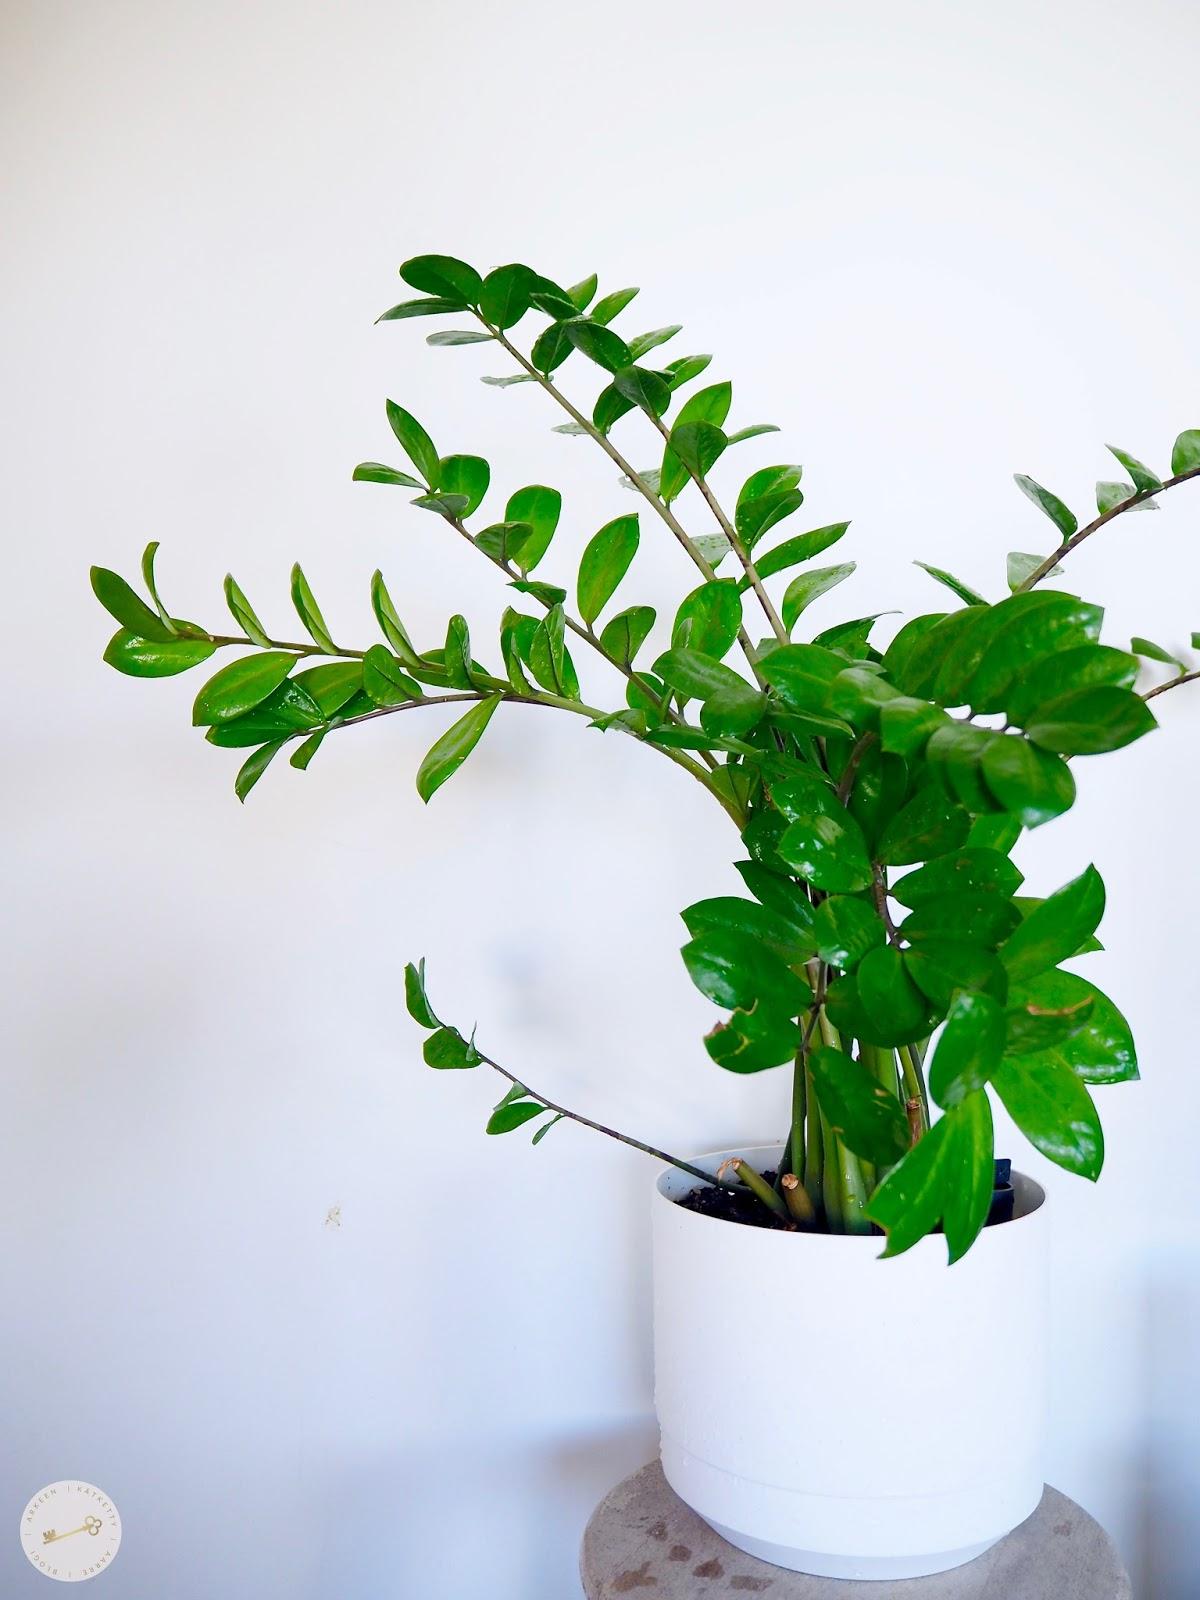 Marraskuu on monen mielestä ankea ja masentava. Aion #mainiomarraskuu -projektillani yrittää löytää yhtä hyvän kukoistuksen kuin kuvalla olevalla kasvilla on.